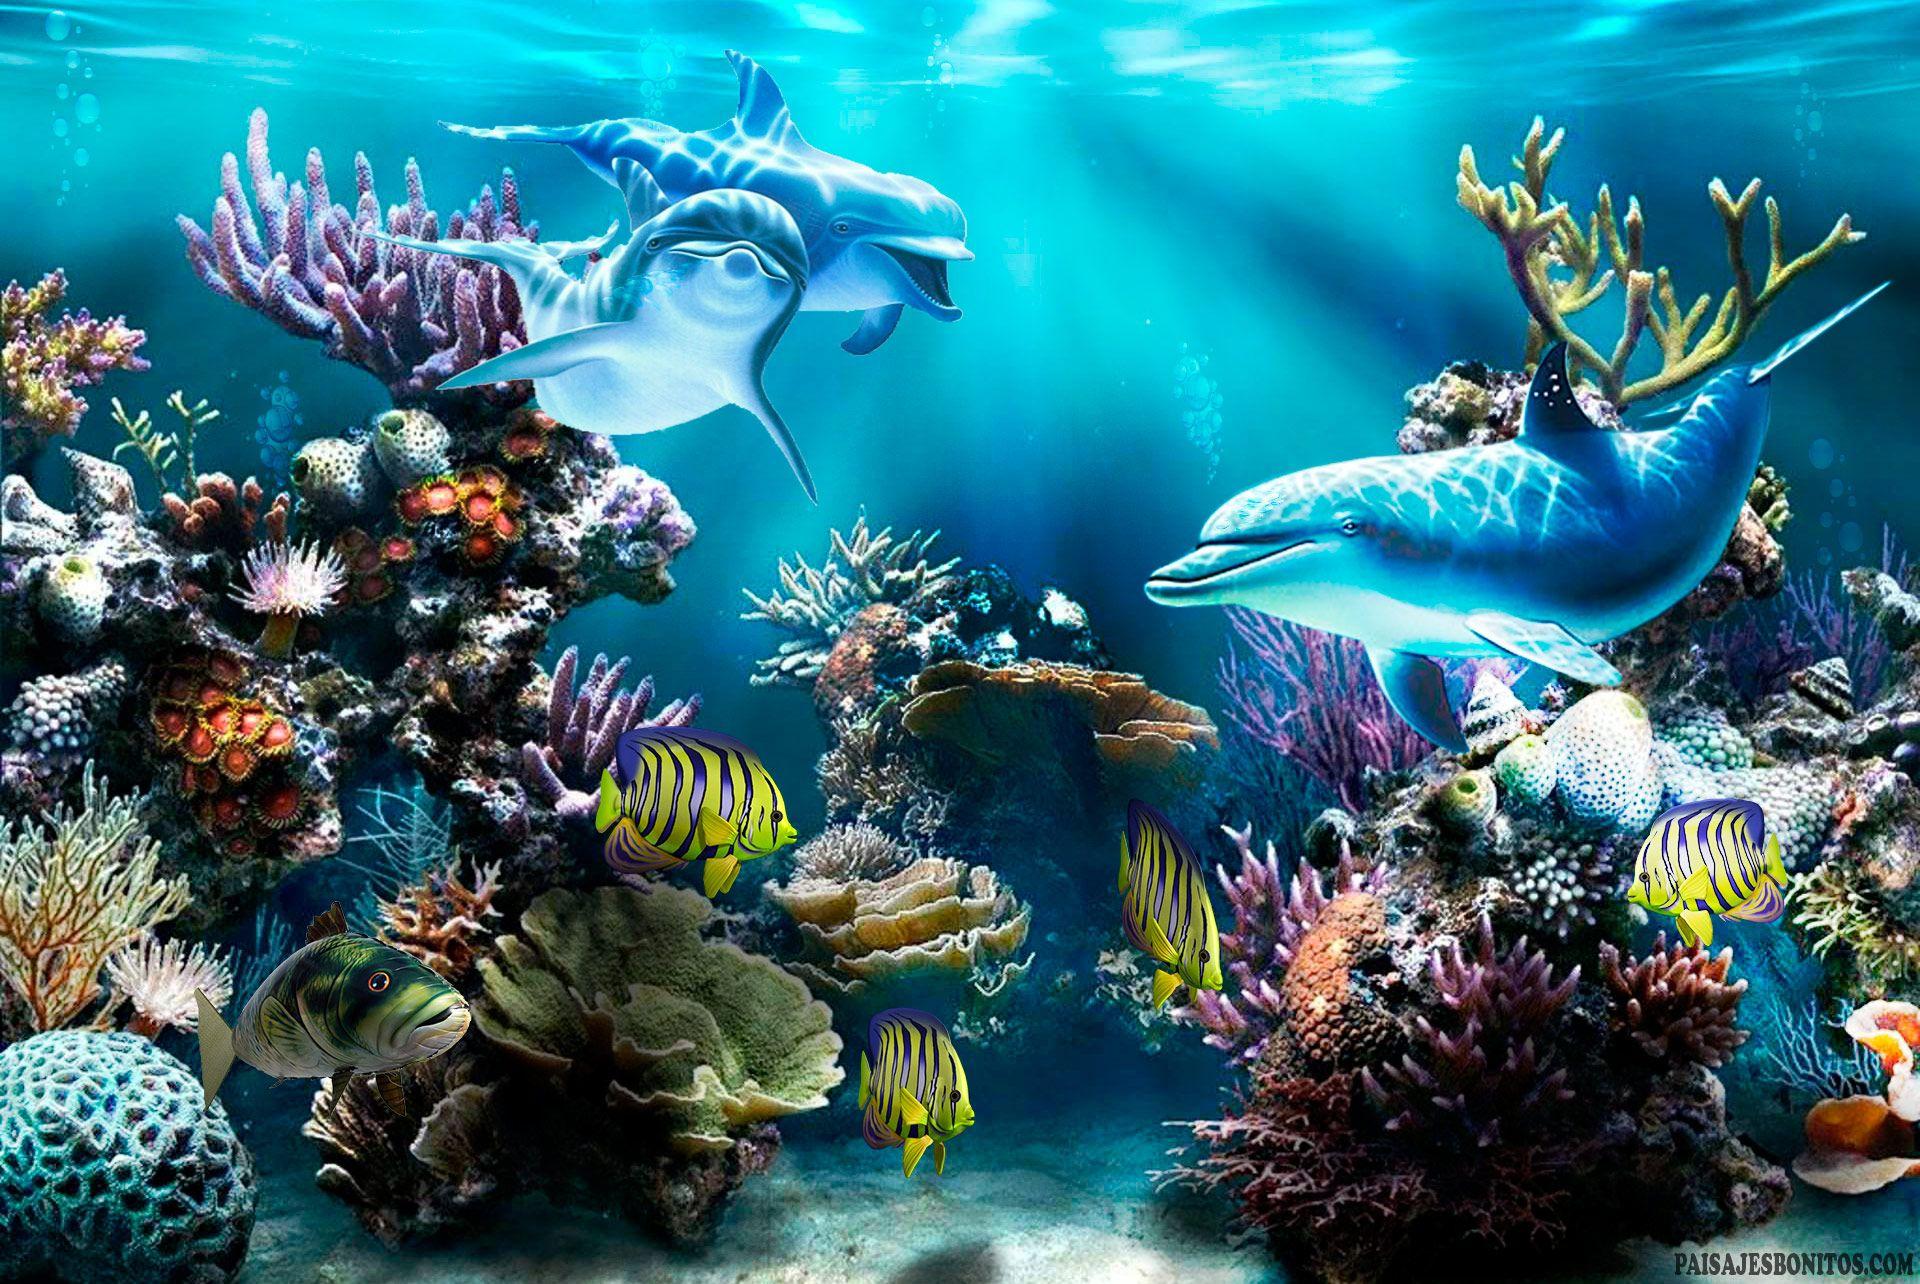 Dibujos Animados Animales Lindo Mar Fondo De Pantalla De: Fondo Pantalla Delfines Bajo Mar